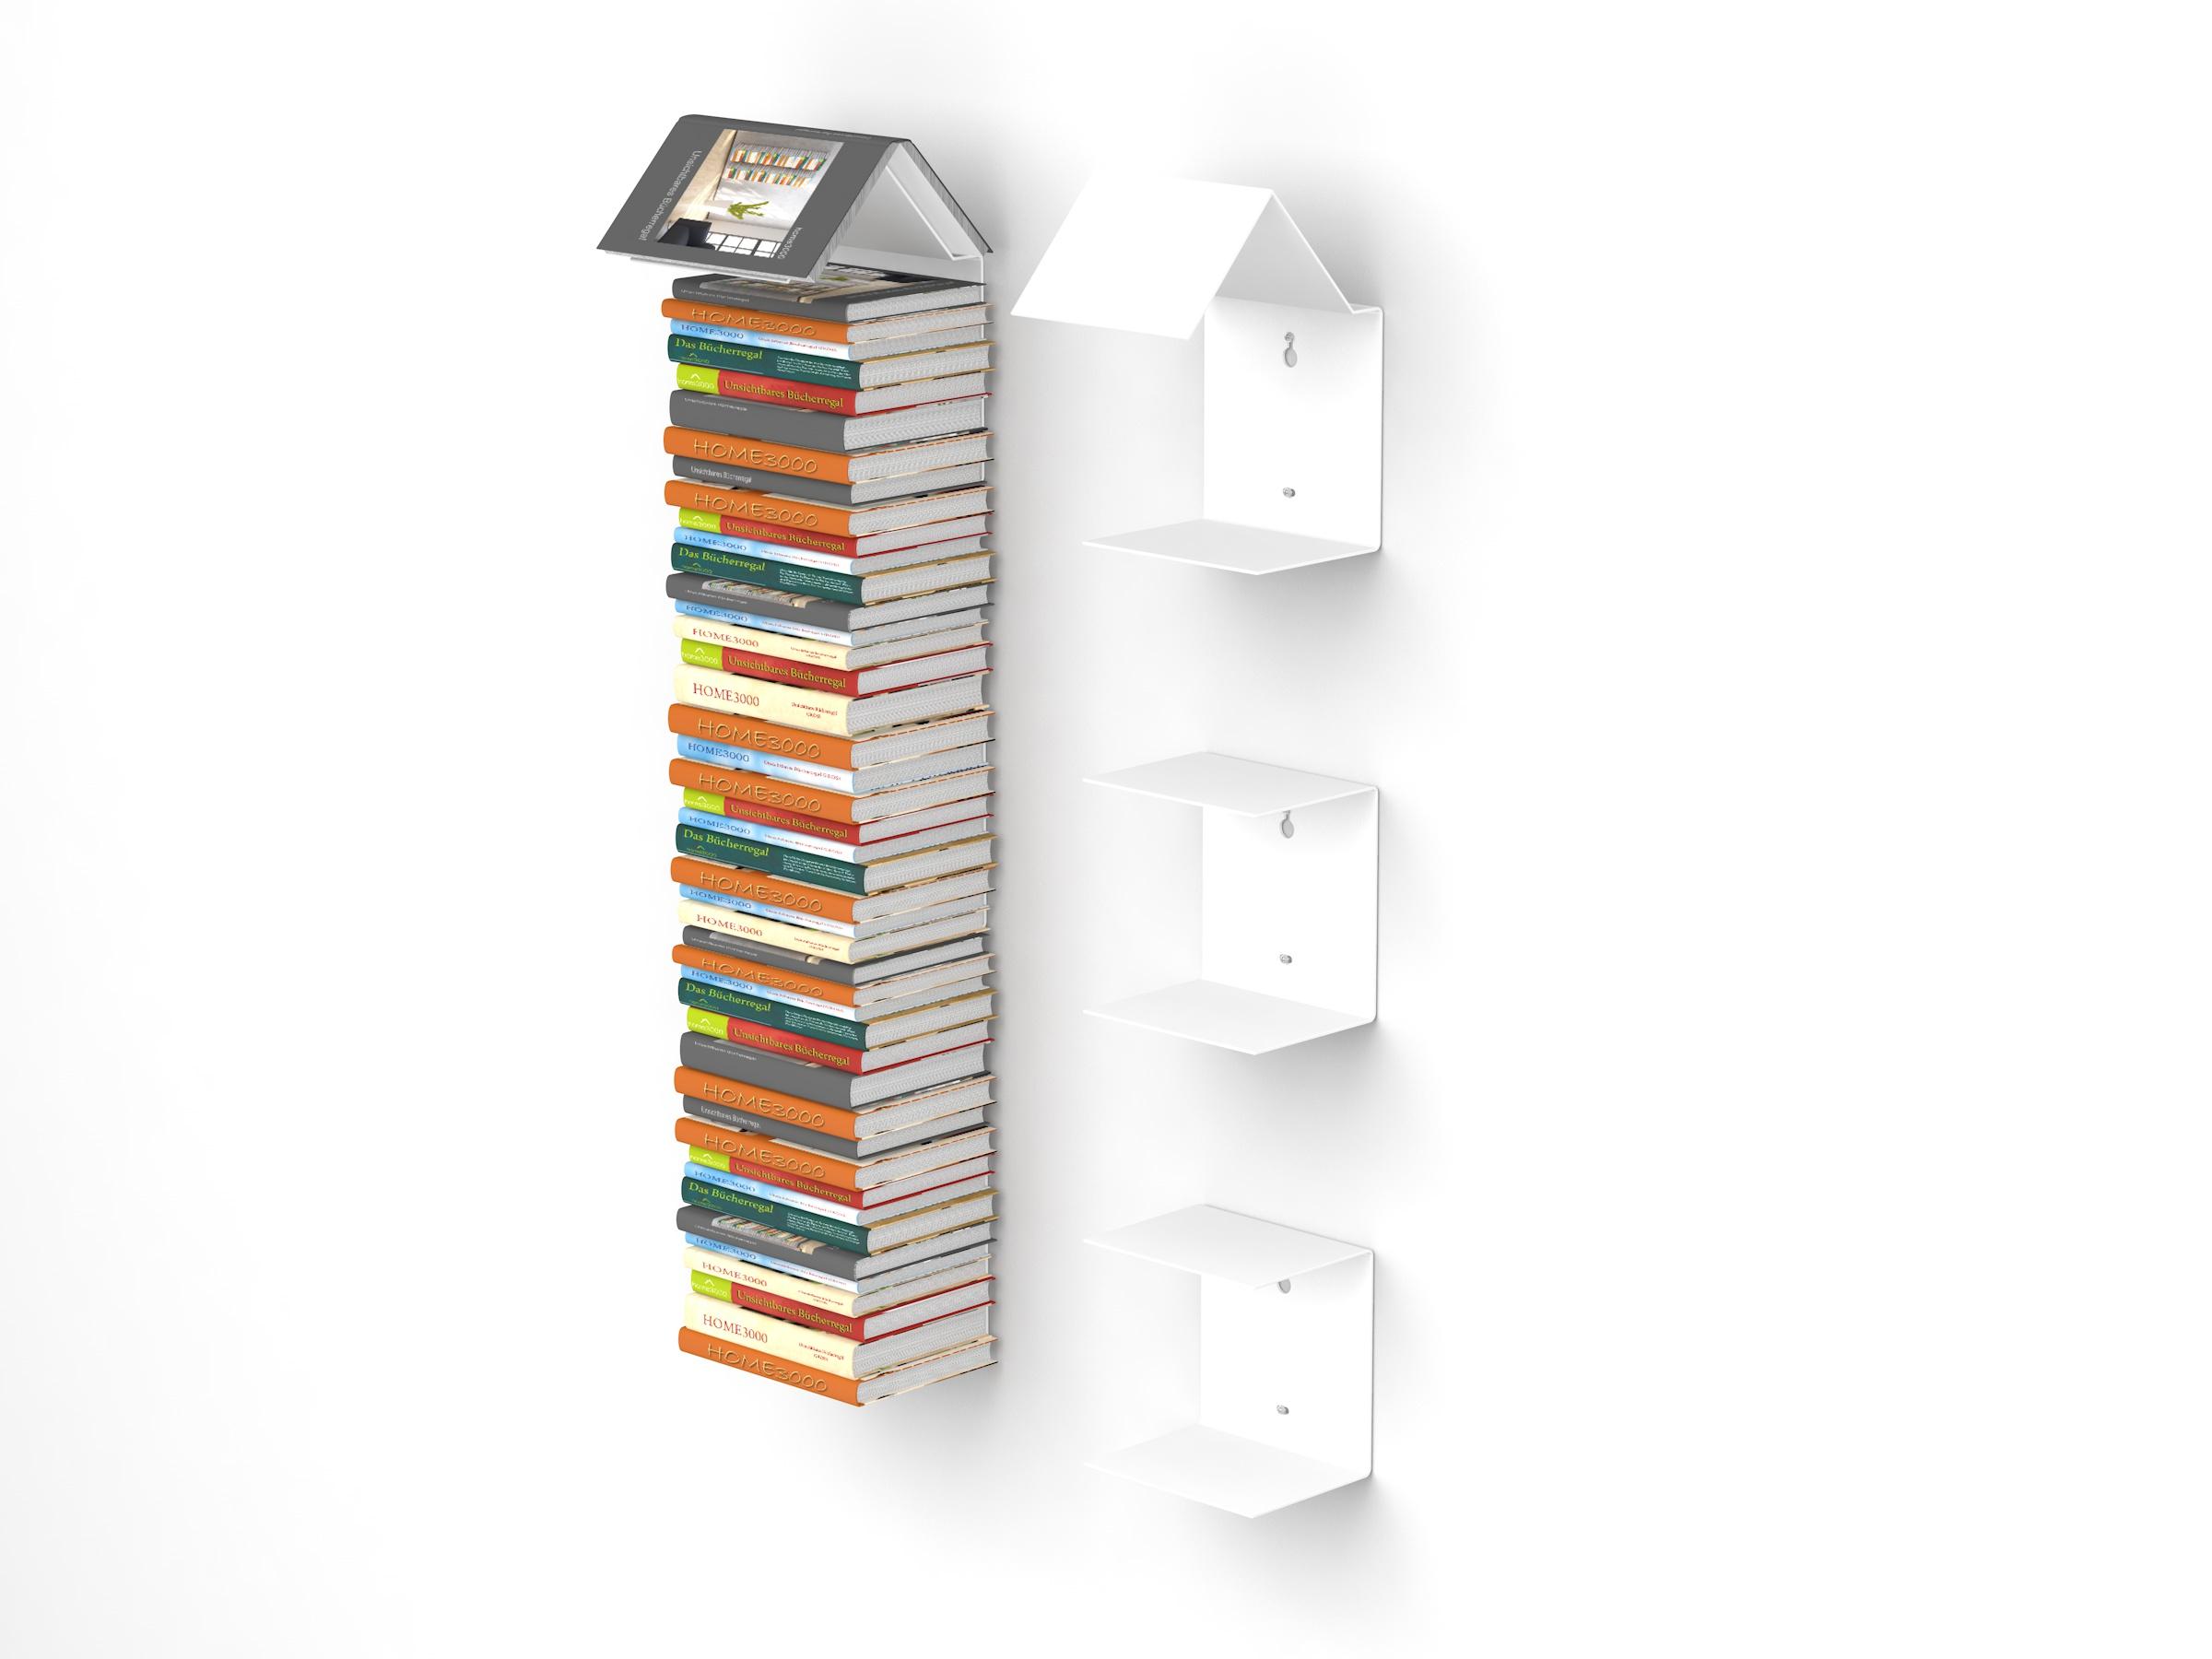 Full Size of Bücher Regal Home3000 Bookmark 2er Set Mit Unsichtbaren Bcherregalen Kaufen Dachschräge Grau Offenes Weiß Schmale Regale Paschen Wandregal Bad Paternoster Regal Bücher Regal